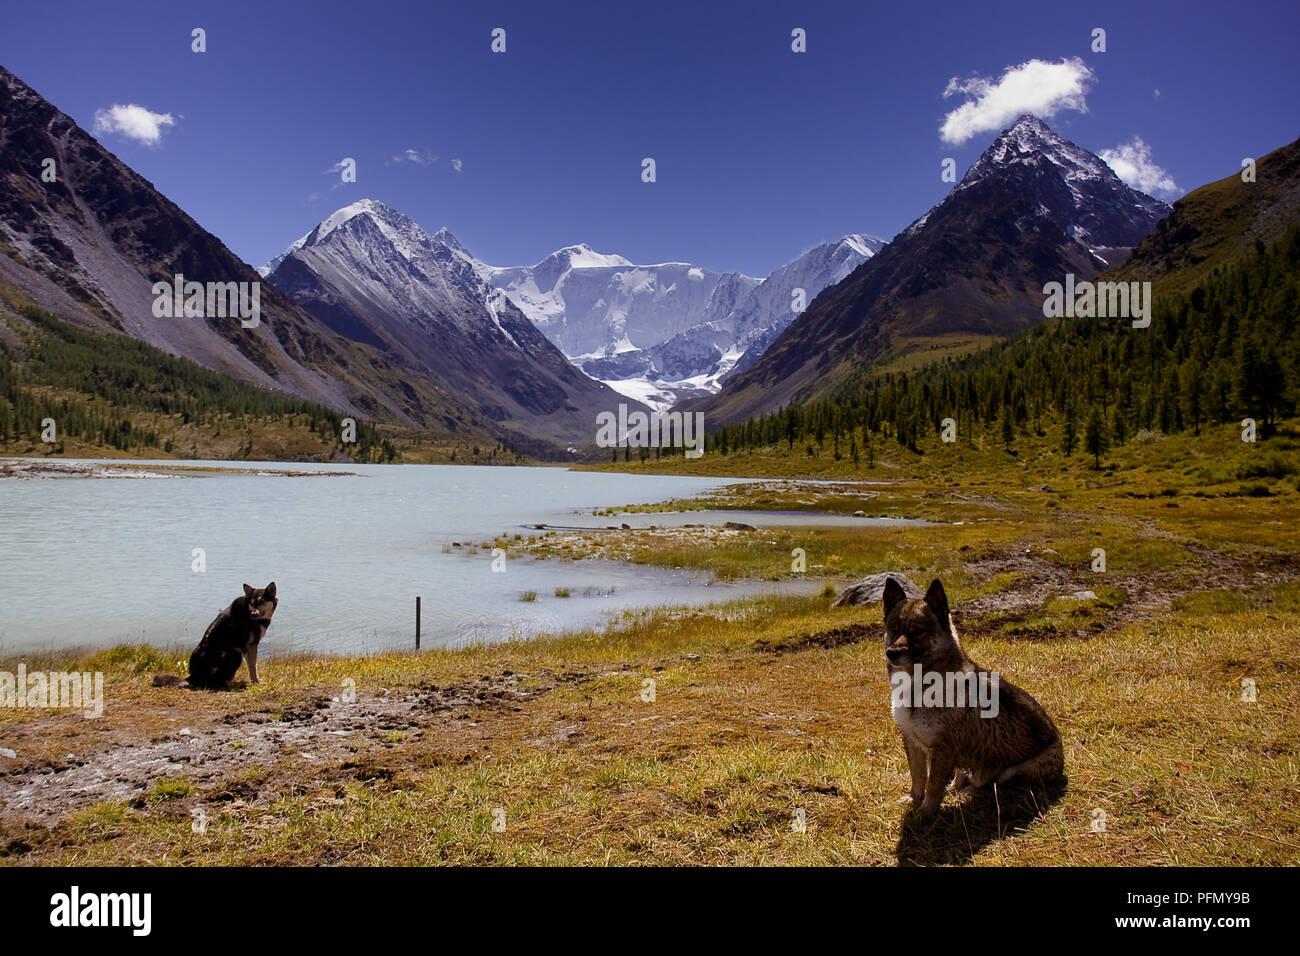 Les chiens à la recherche dans l'appareil photo sur le lac entouré par une forêt et de magnifiques montagnes recouvertes de neige Banque D'Images